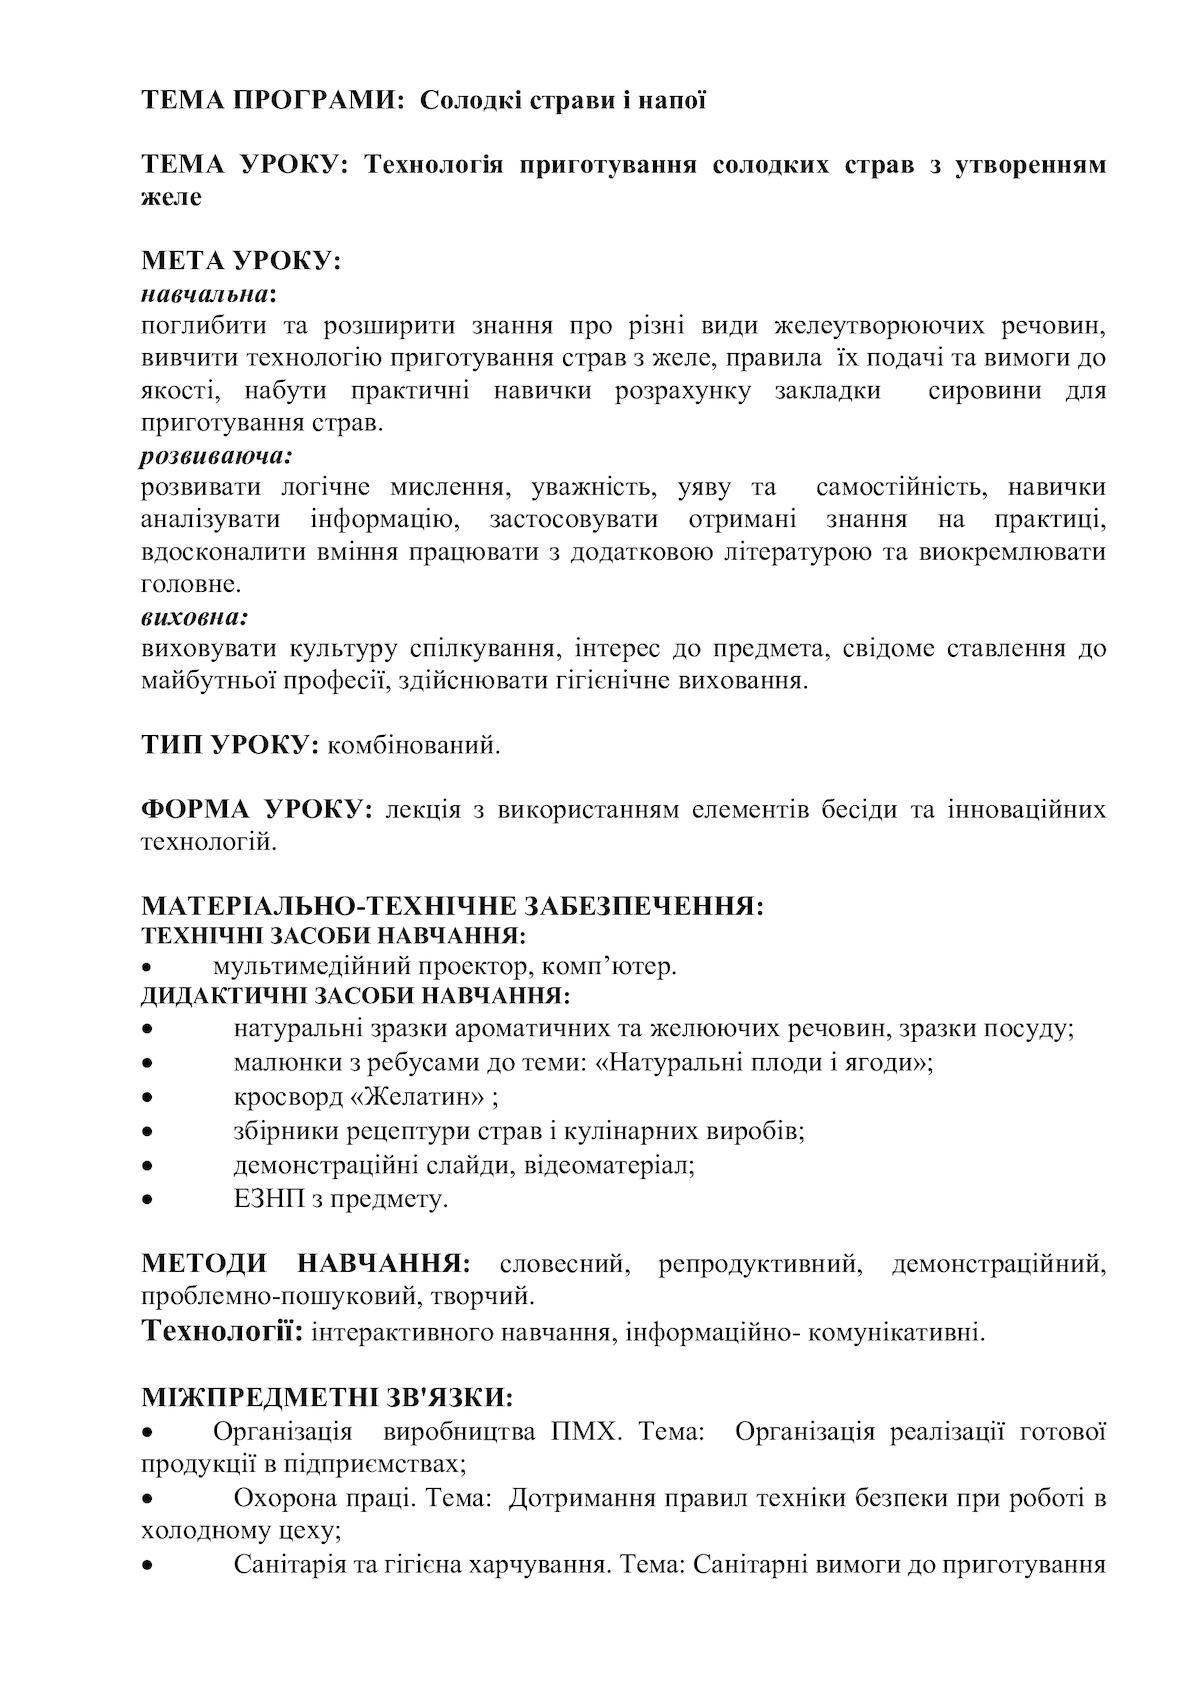 Максютинська О.В. Технологія приготування солодких страв з ... 47f08eff7fda1